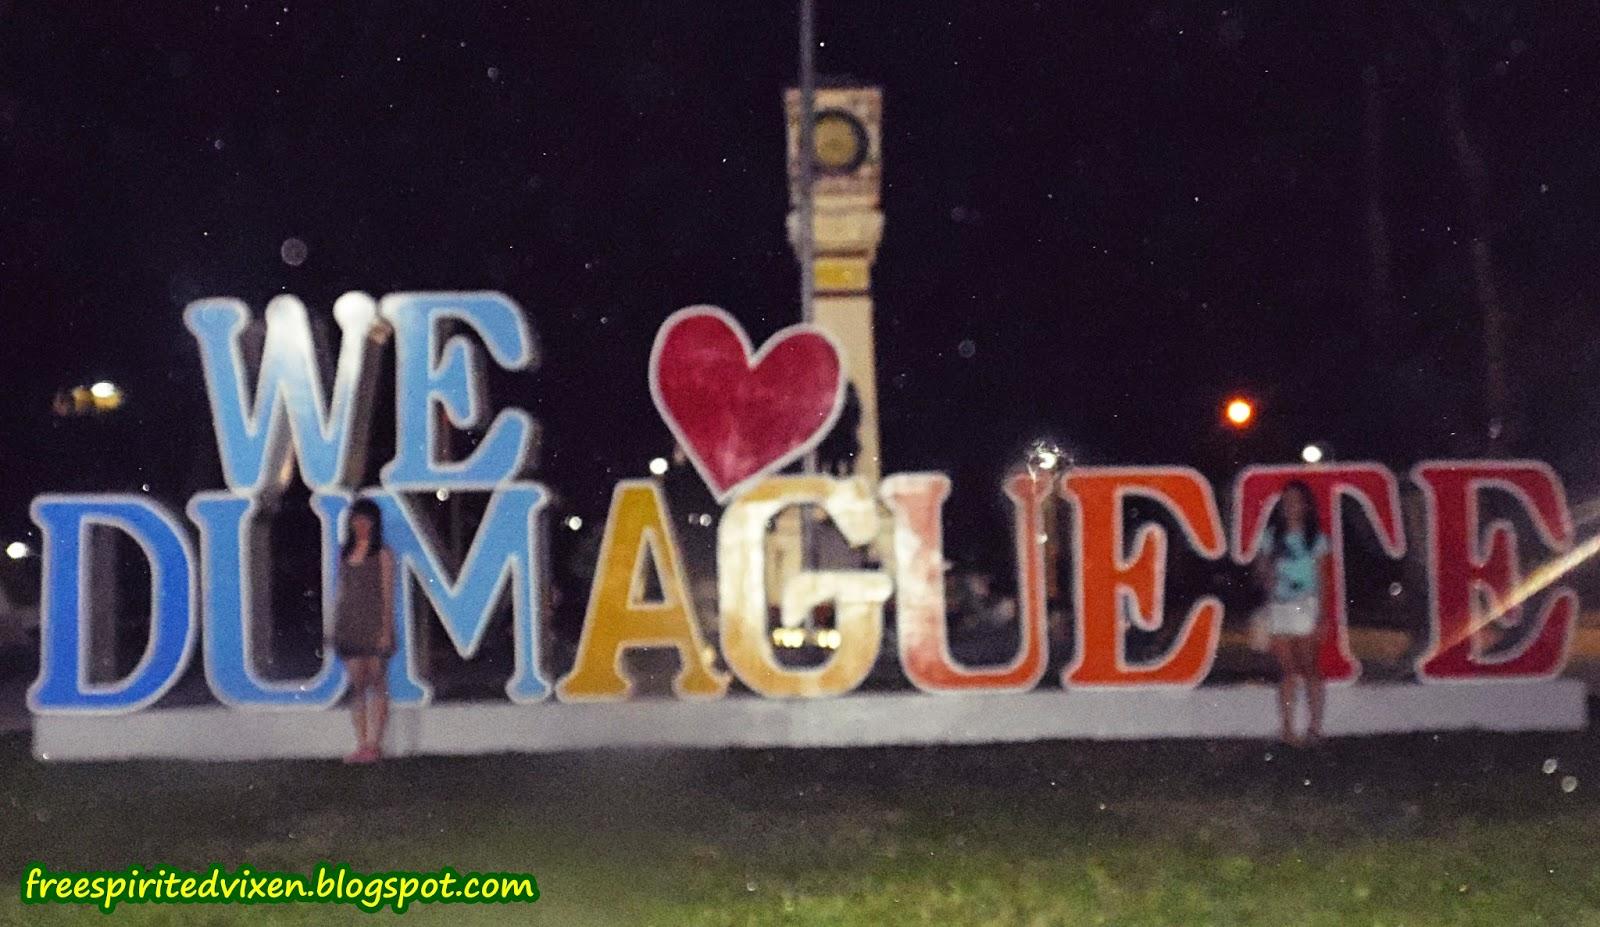 We Love Dumaguete, Quezon Park, Dumaguete